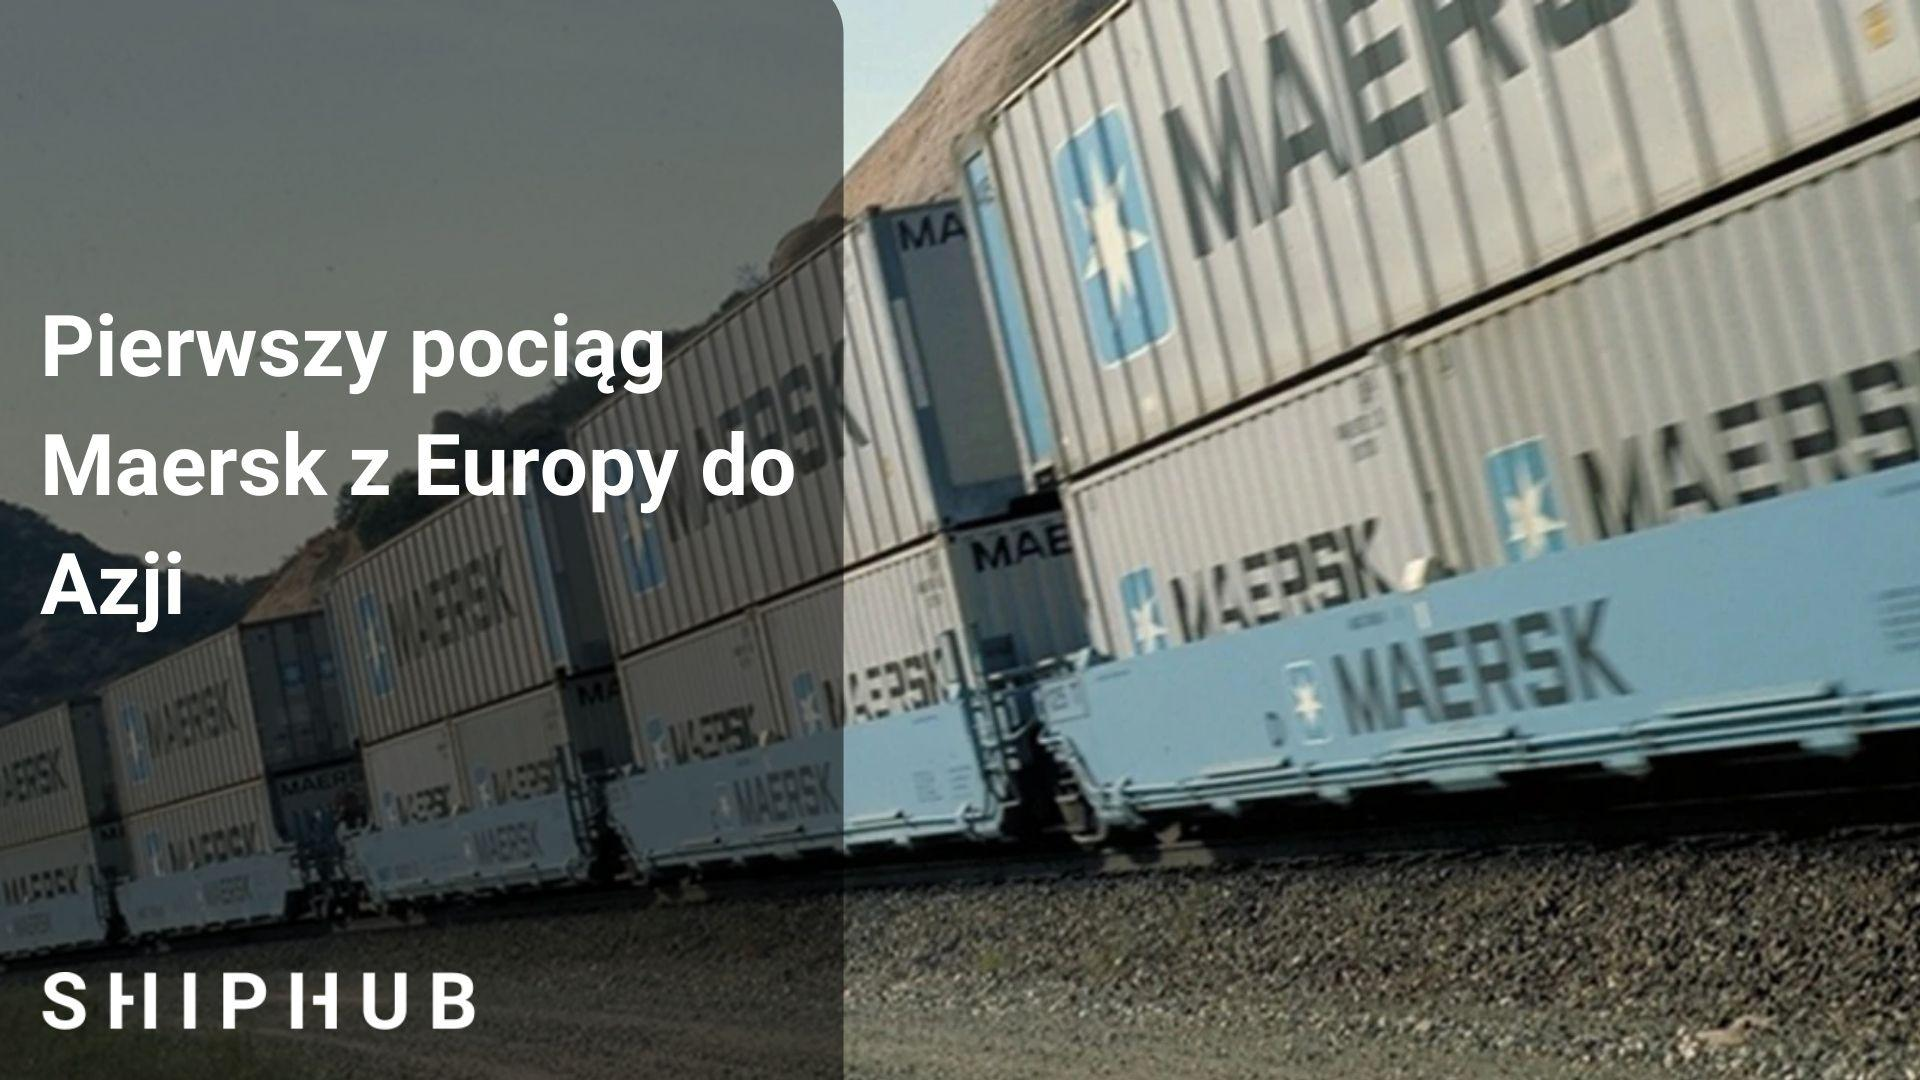 Pierwszy pociąg Maersk z Europy do Azji